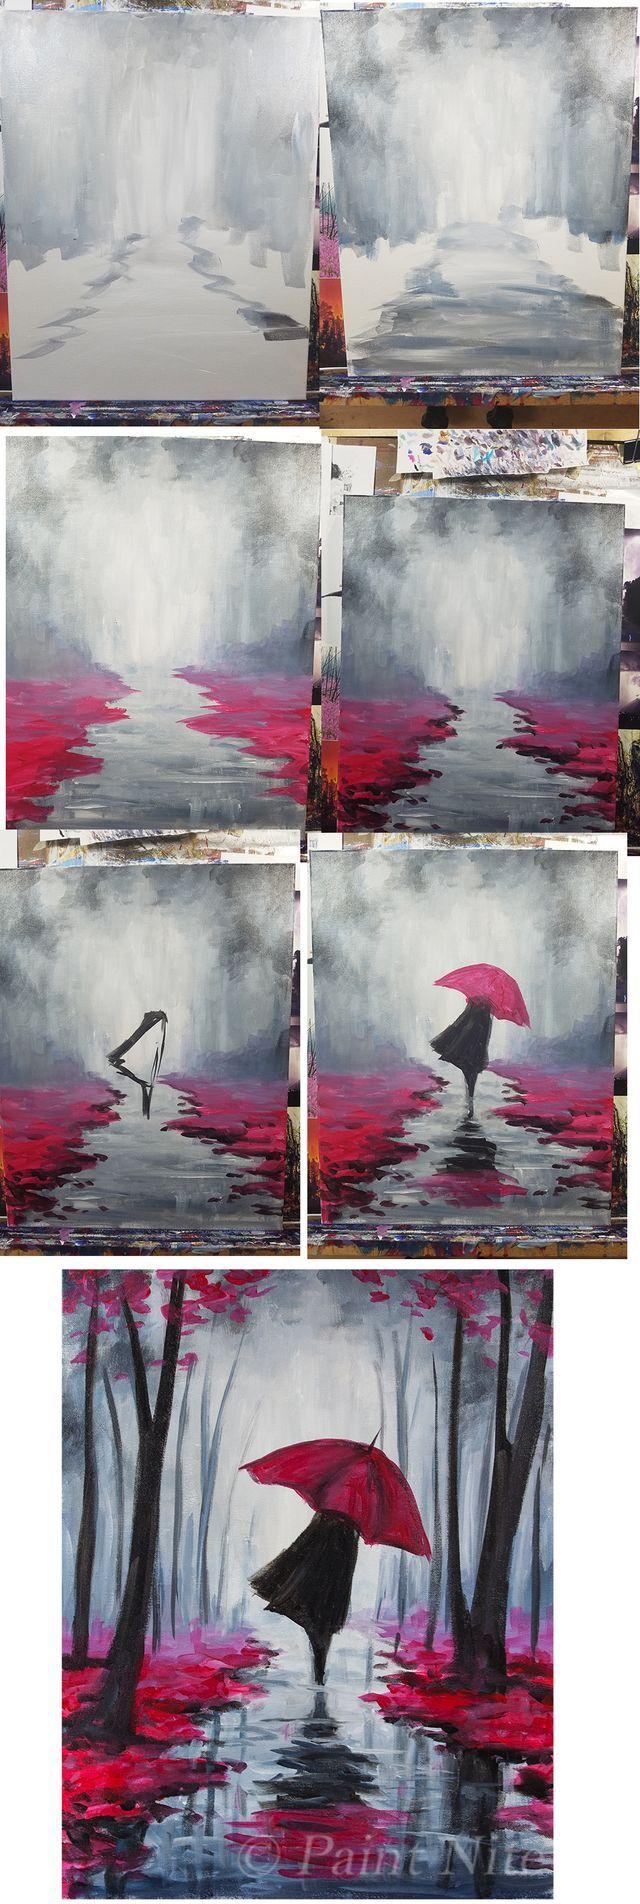 DIY Dragged Paint Wall Art